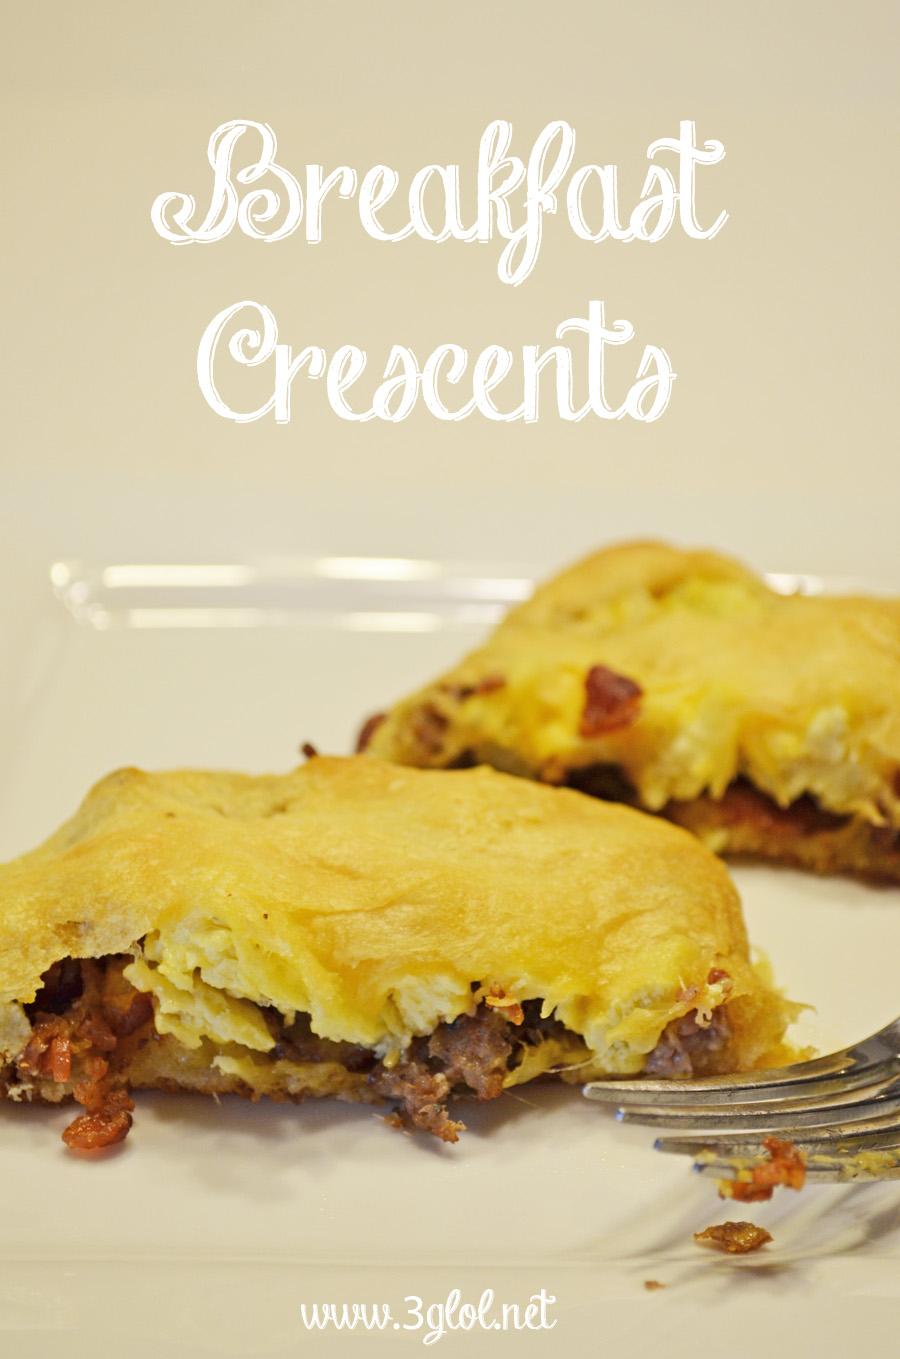 Breakfast Crescents by 3GLOL.net